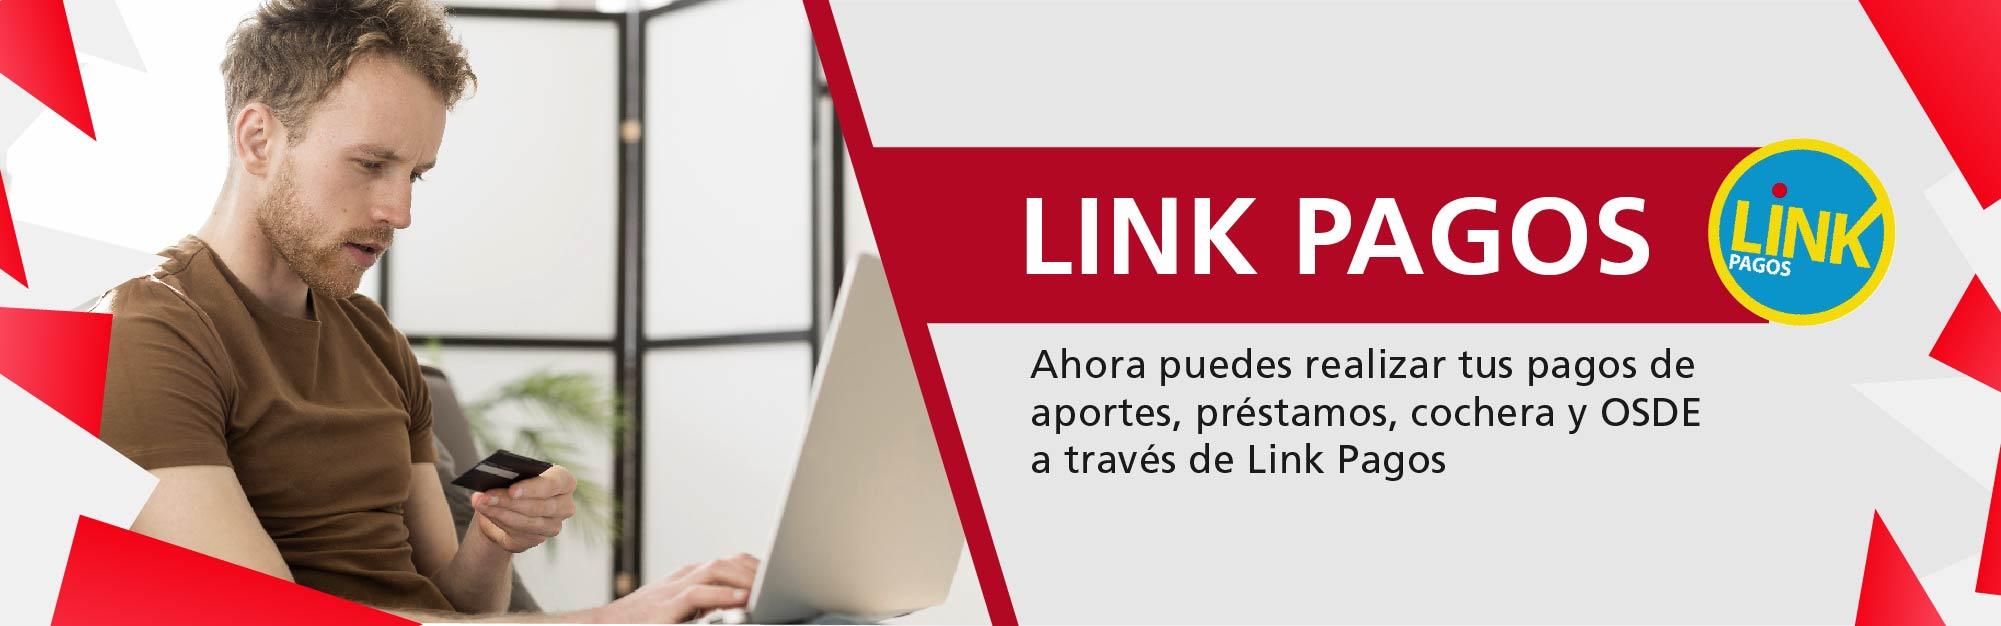 Link-pagos